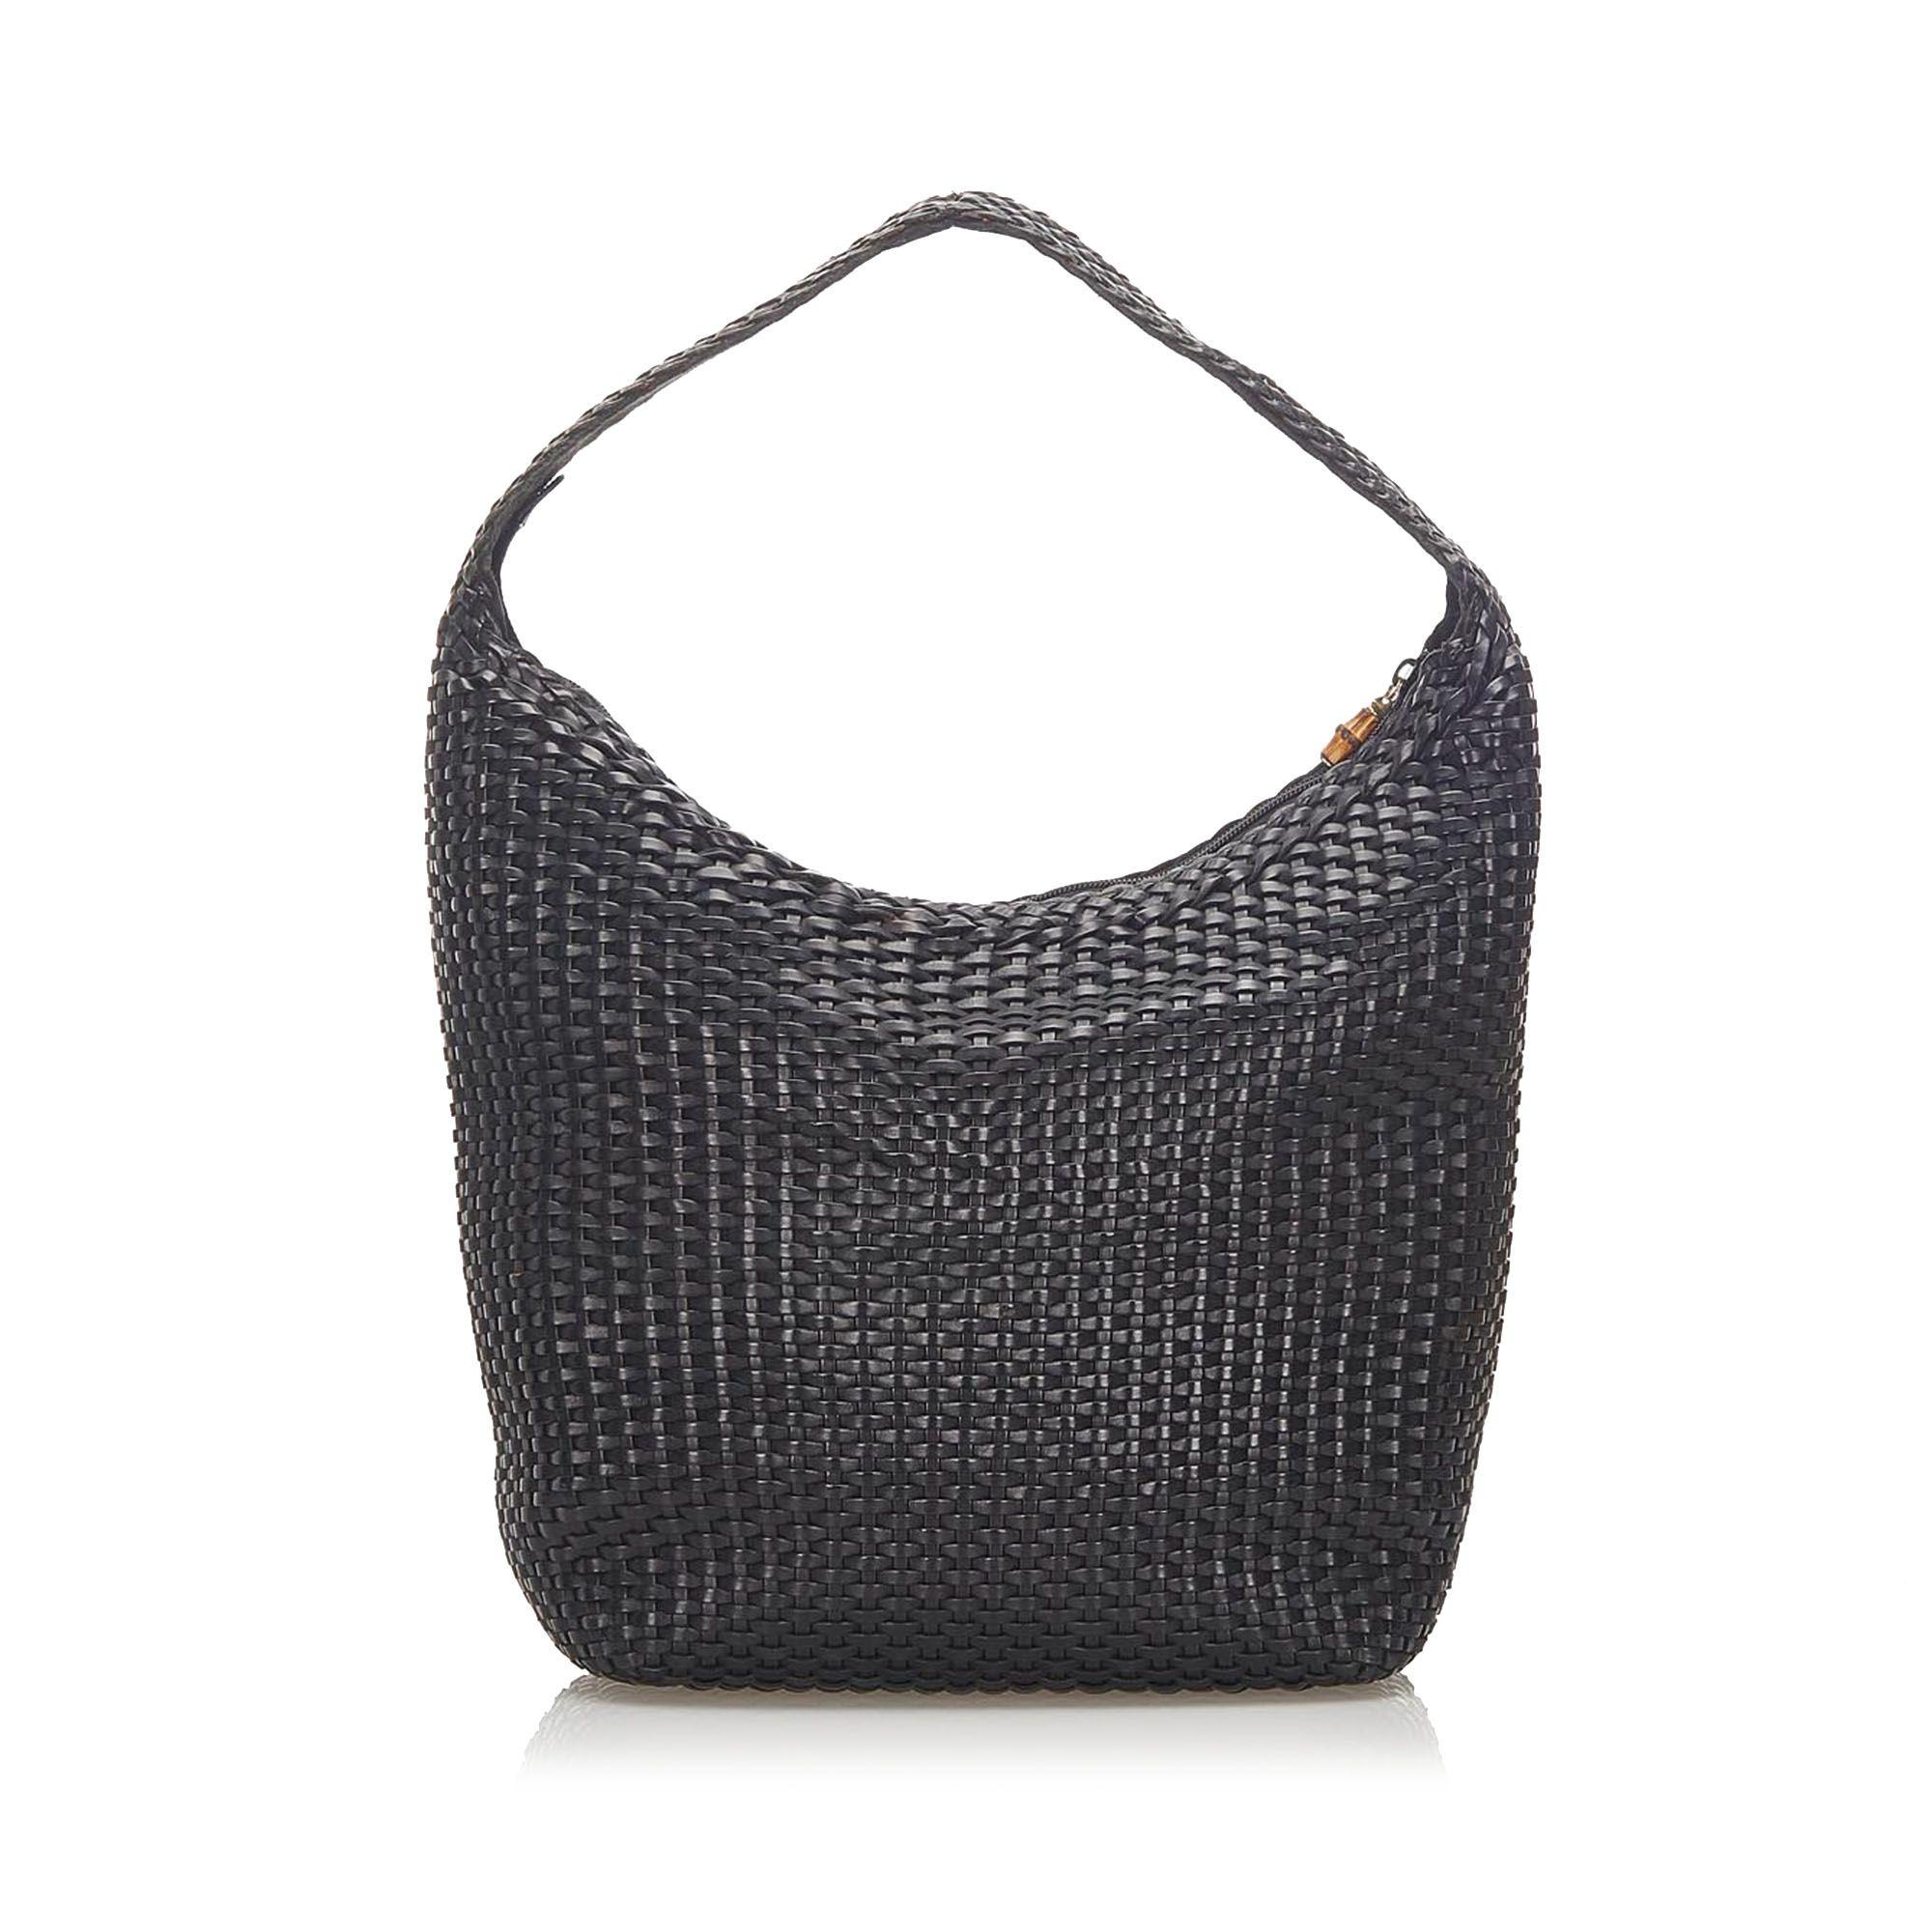 Vintage Gucci Bamboo Basketweave Leather Shoulder Bag Black